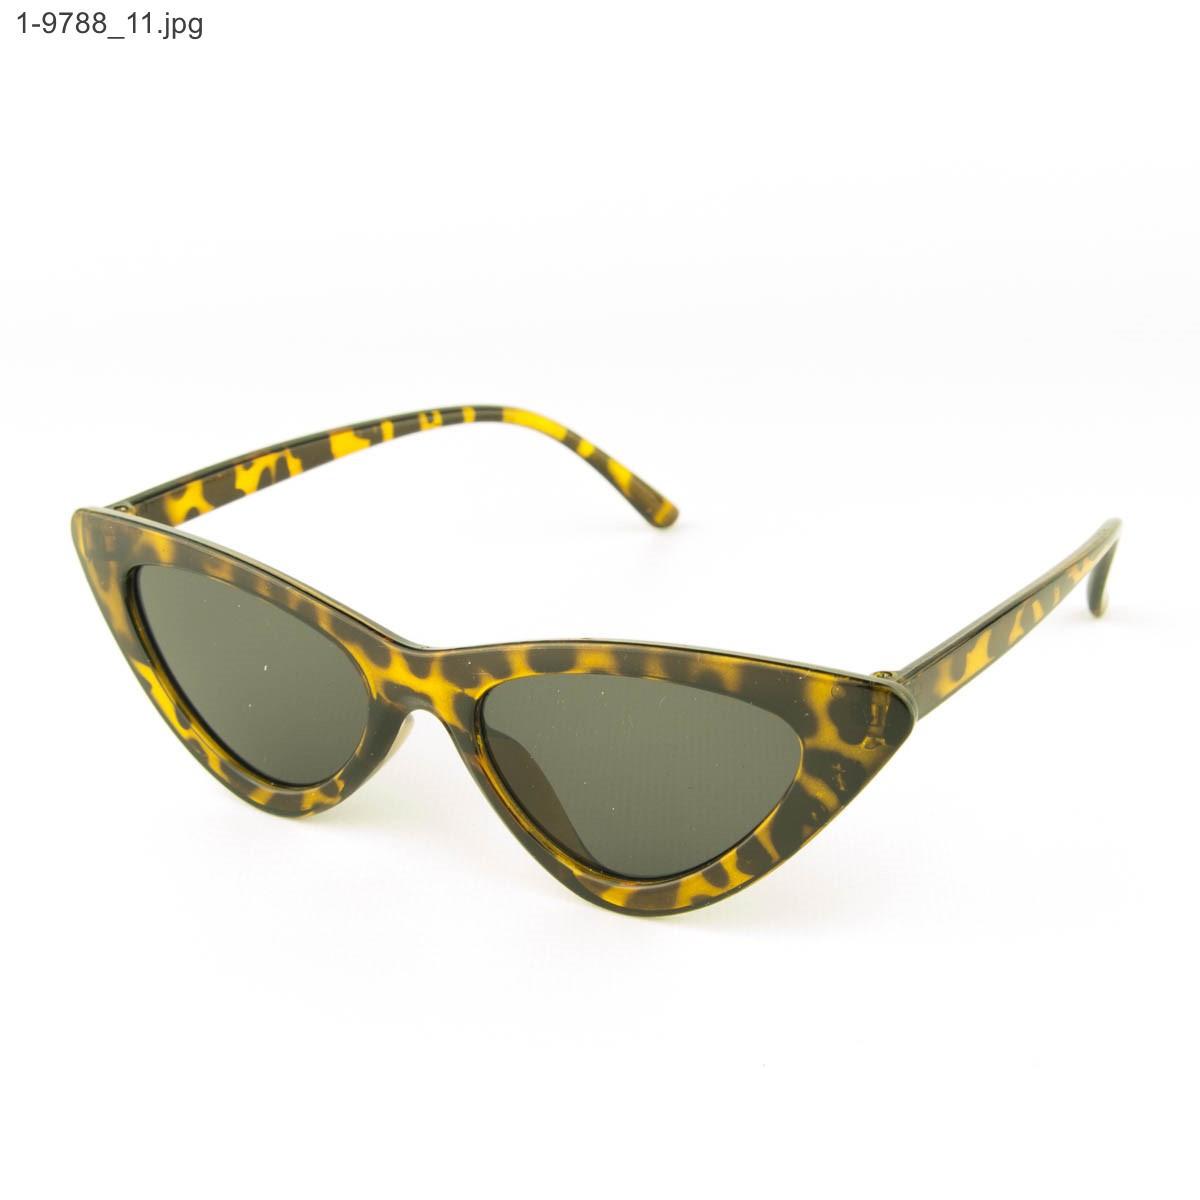 Оптом солнцезащитные женские очки кошачий глаз - Леопардовые - 1-9788